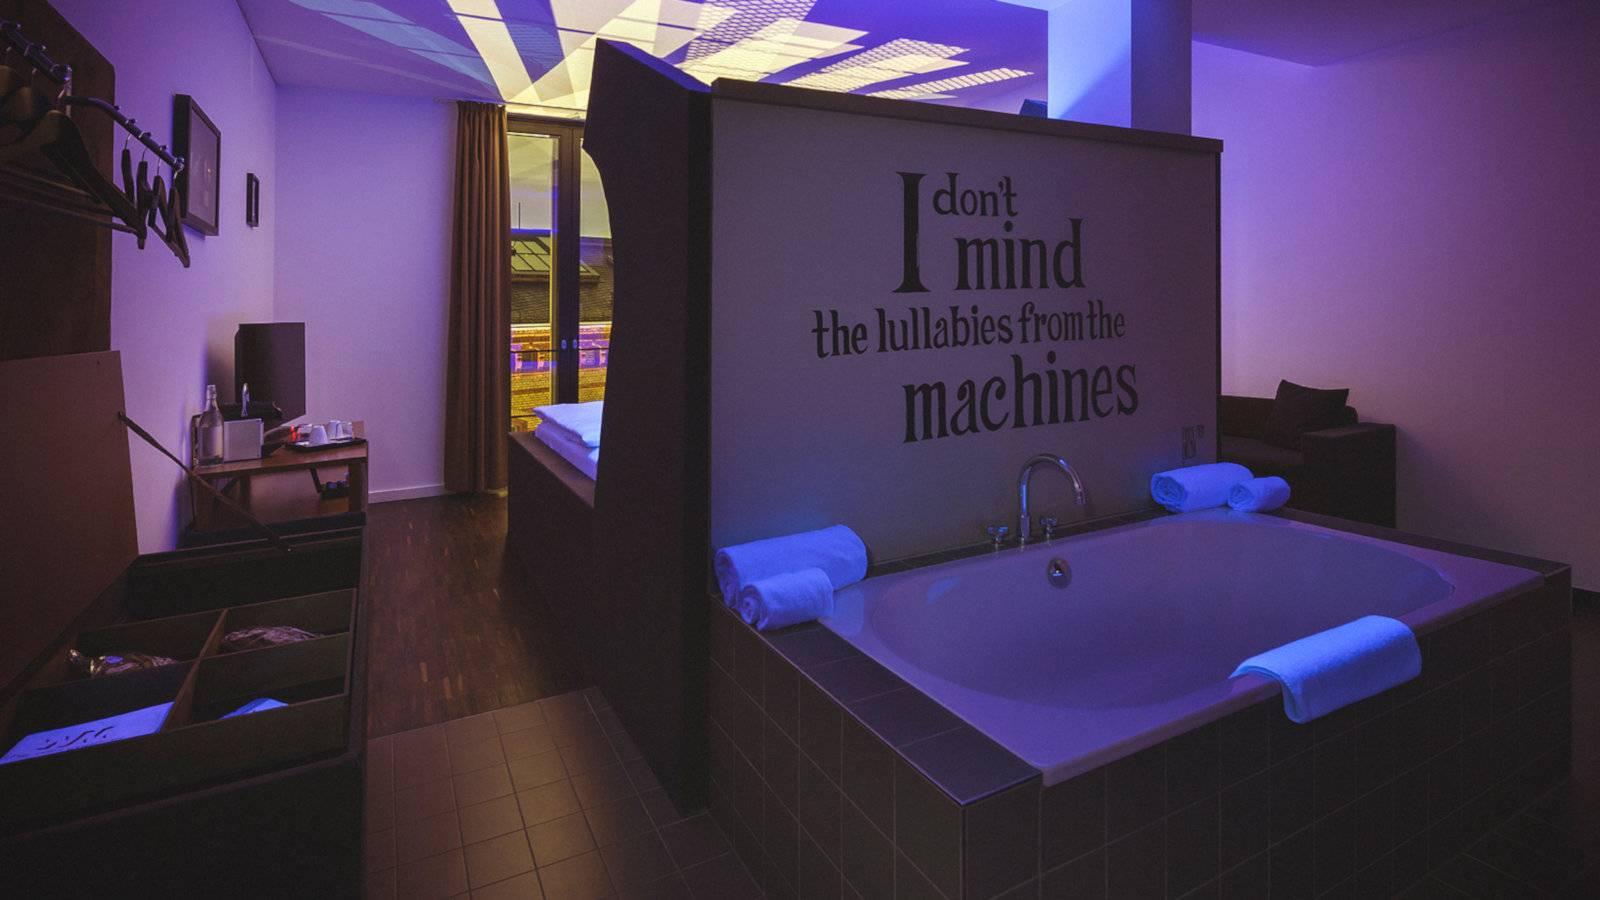 Si vous aimez un lit immense, une baignoire dans la chambre et un style artistique merveilleux, vous allez adorer l'hôtel Weinmeister réservé aux adultes à Berlin!